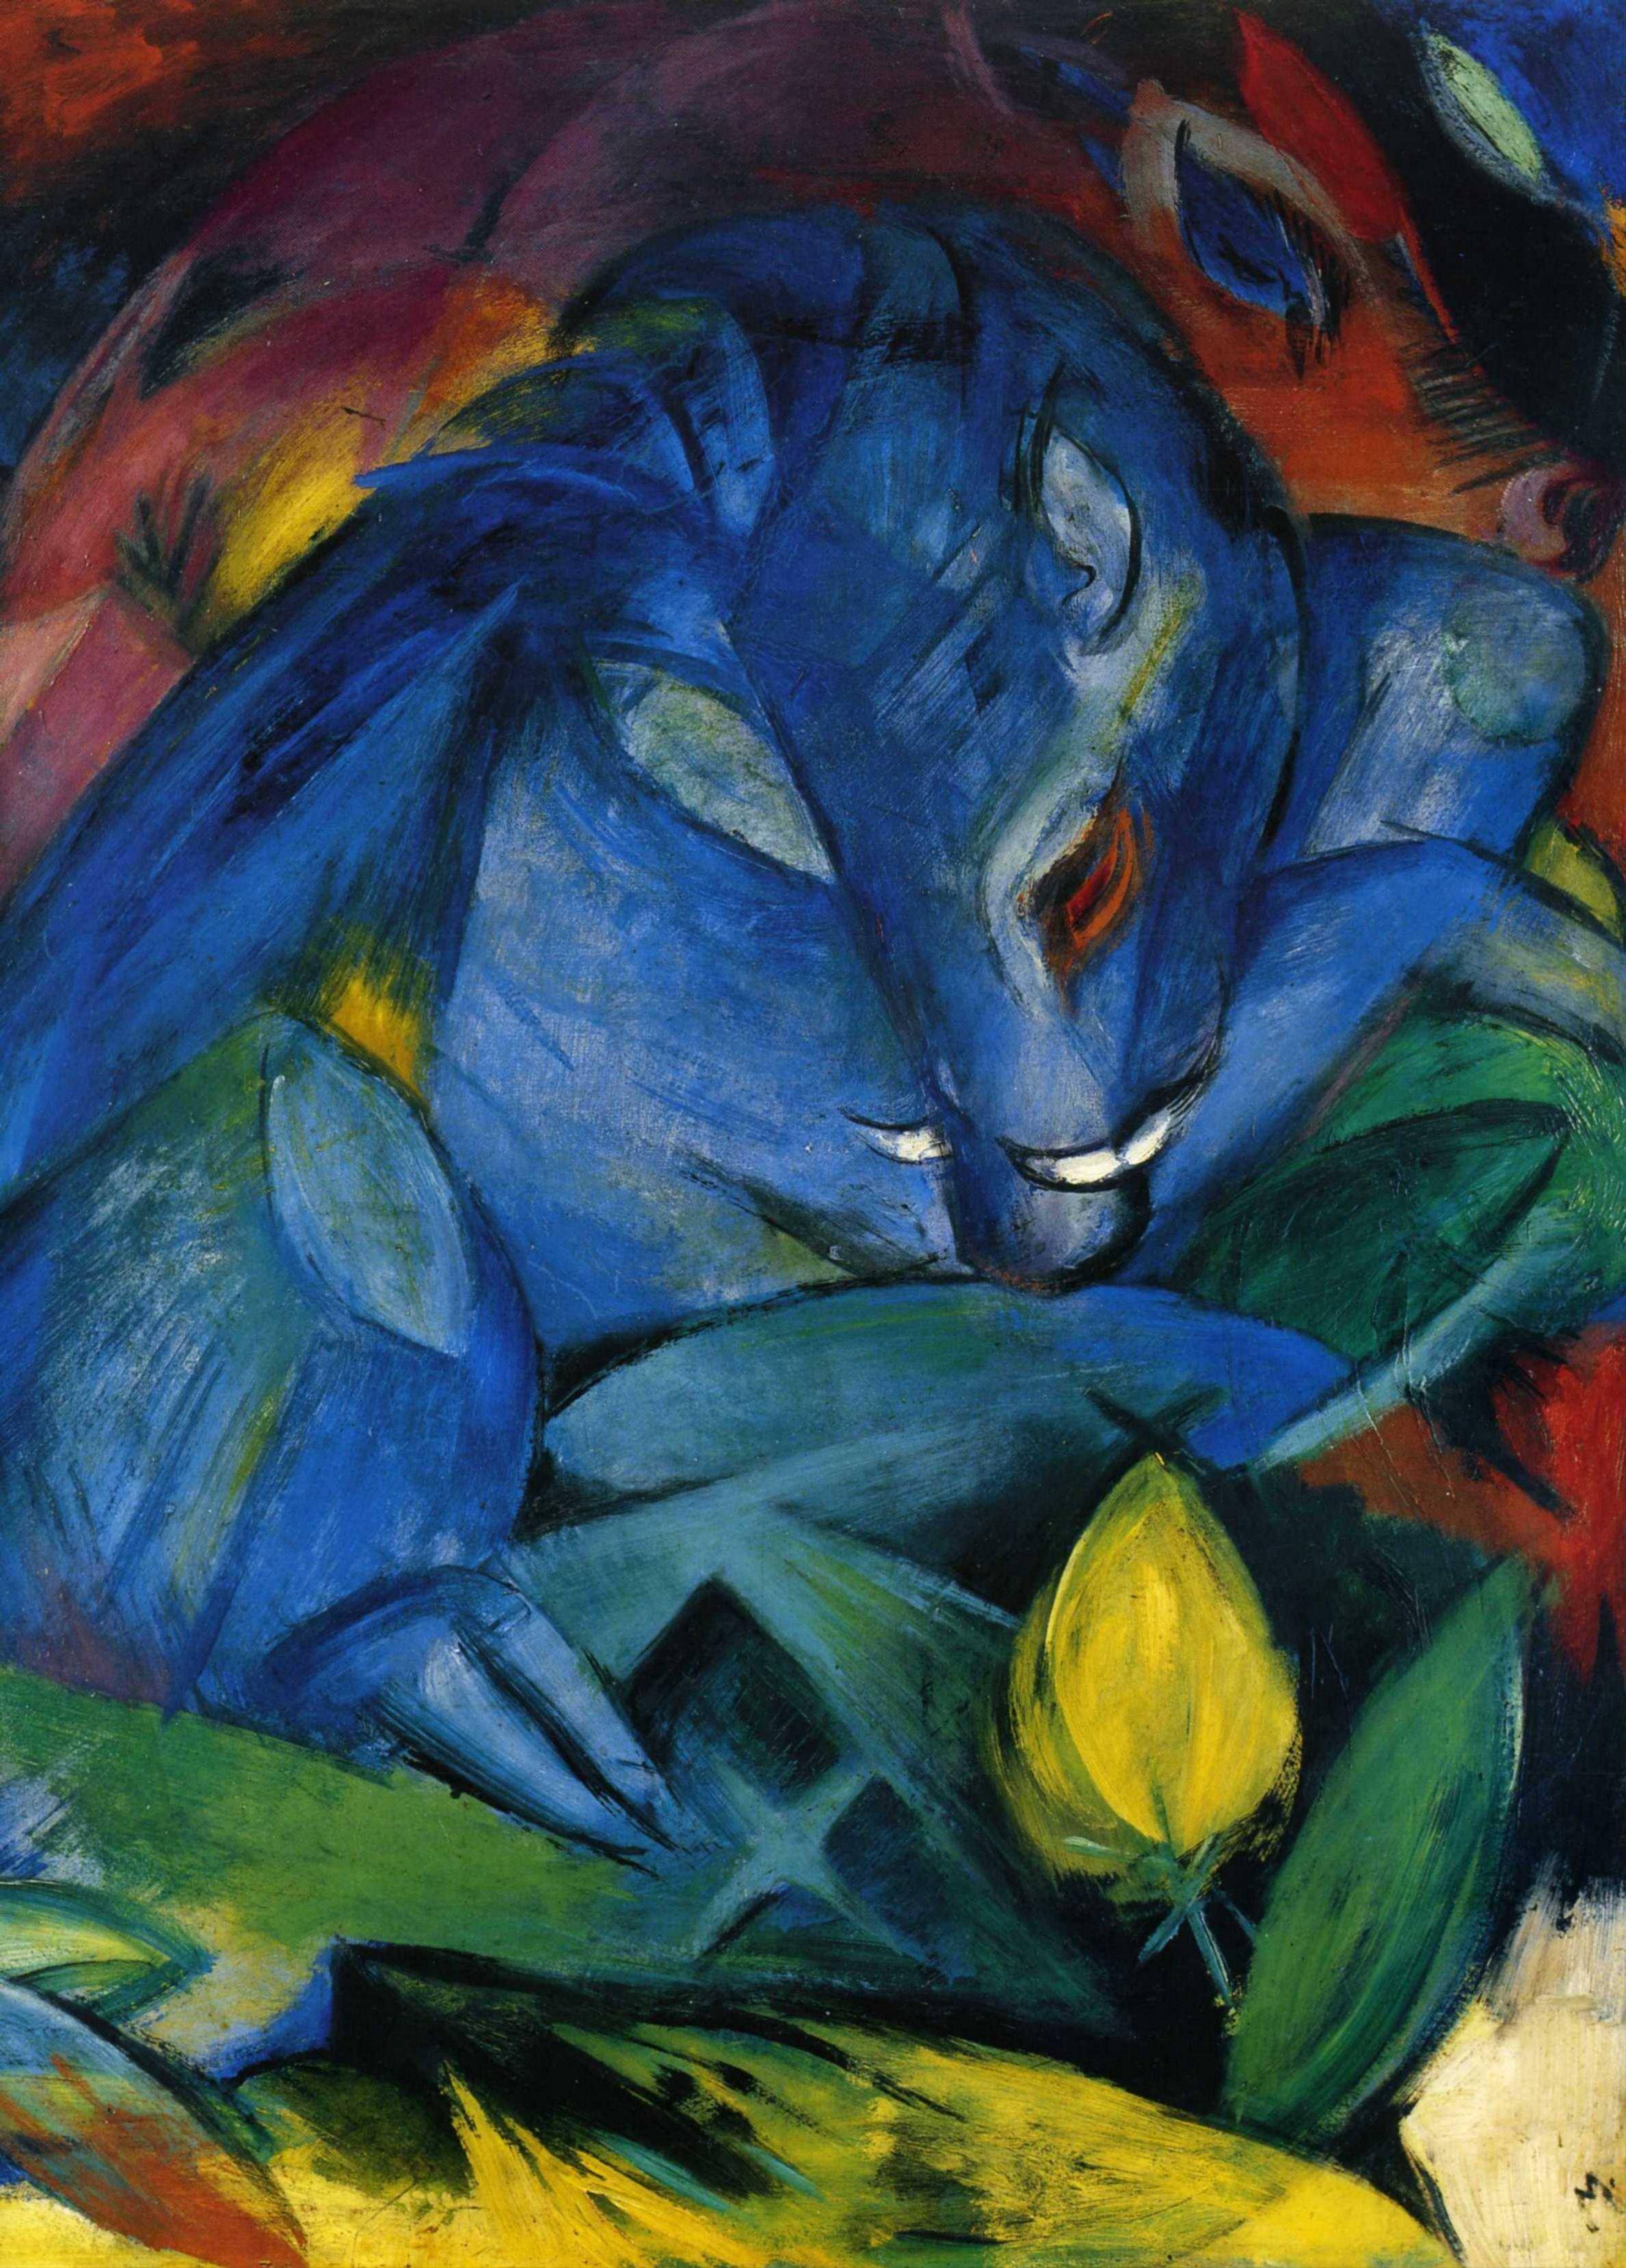 Франц Марк (1880  — 1916) — немецкий живописец, яркий представитель немецкого экспрессионизма. 1912. «Дикие свиньи»